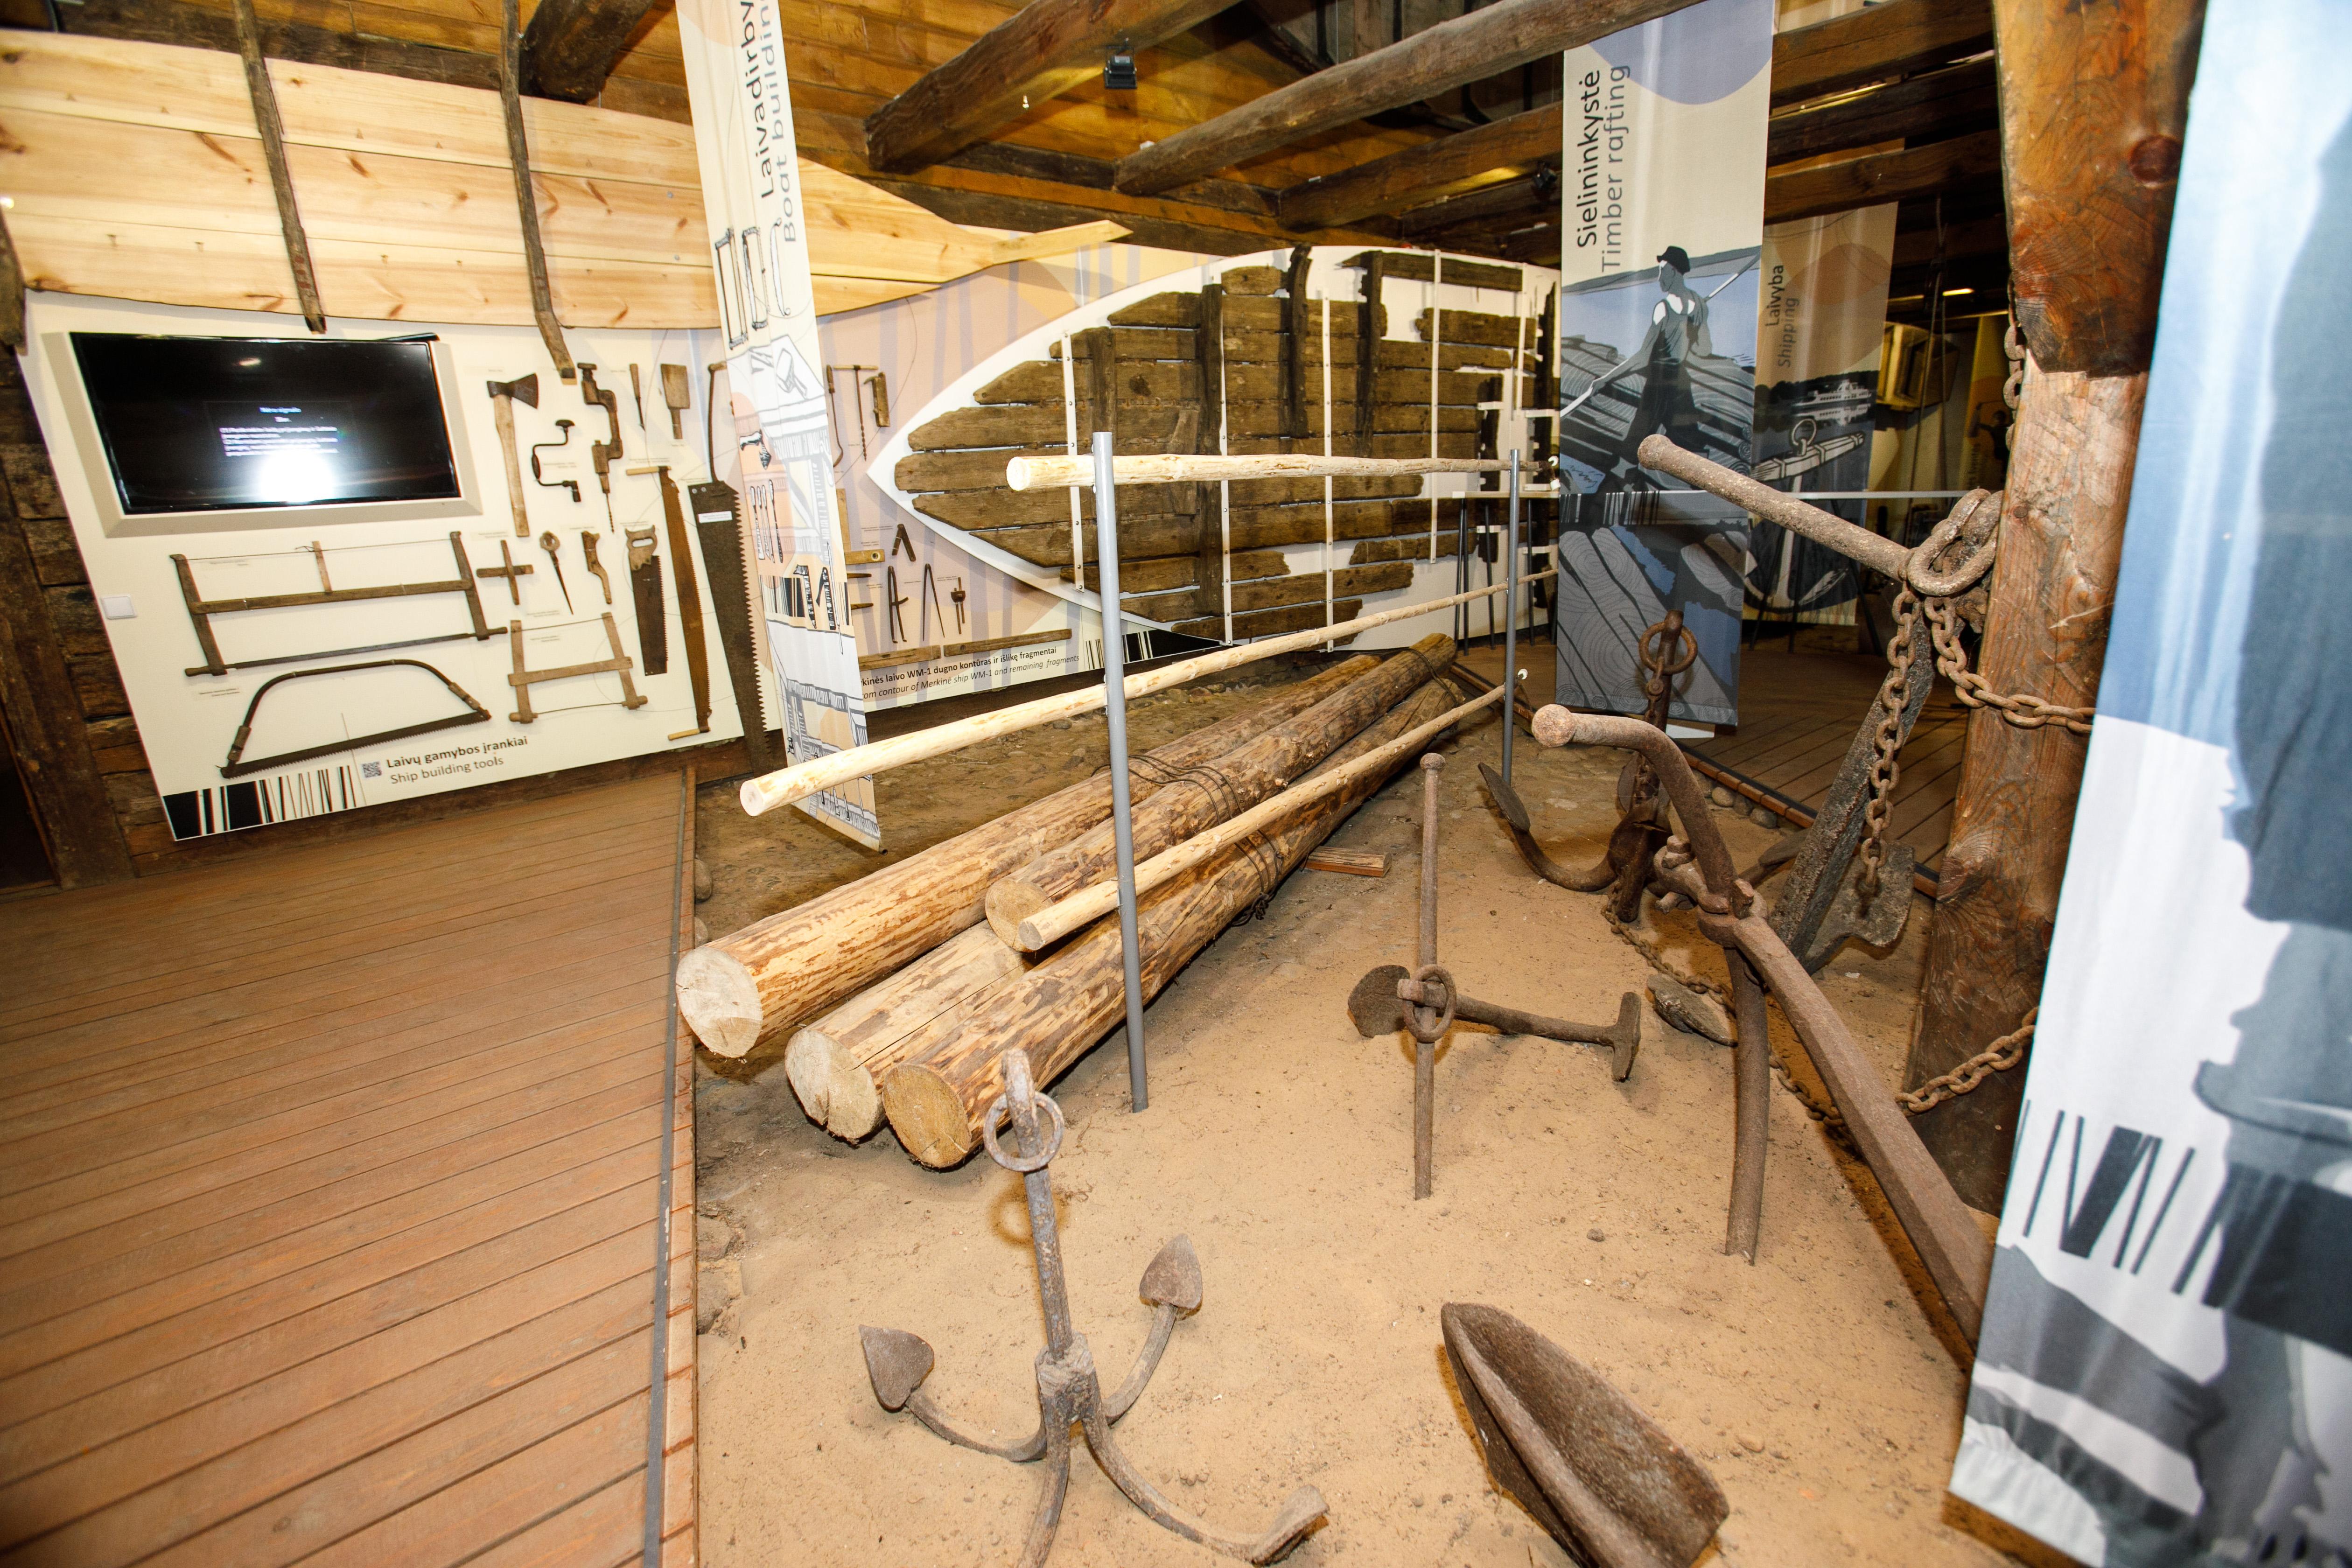 Kai vyksite į Panemunių regioninį parką, nepraskriekite pro lankytojų centrą – jis įsikūręs senoje karčiamoje ir čia dirbantys žmonės gali daug papasakoti ne tik apie žvejybą, skroblynus ar Gelgaudiškio dvaro parko legendas. Čia sužinosite, kodėl sėlininkai taip dažnai minėdavo Emą ir Barborą, o Vaiguvos gatve leidžiama pravažiuoti vos keturiems vietiniams gyventojams.